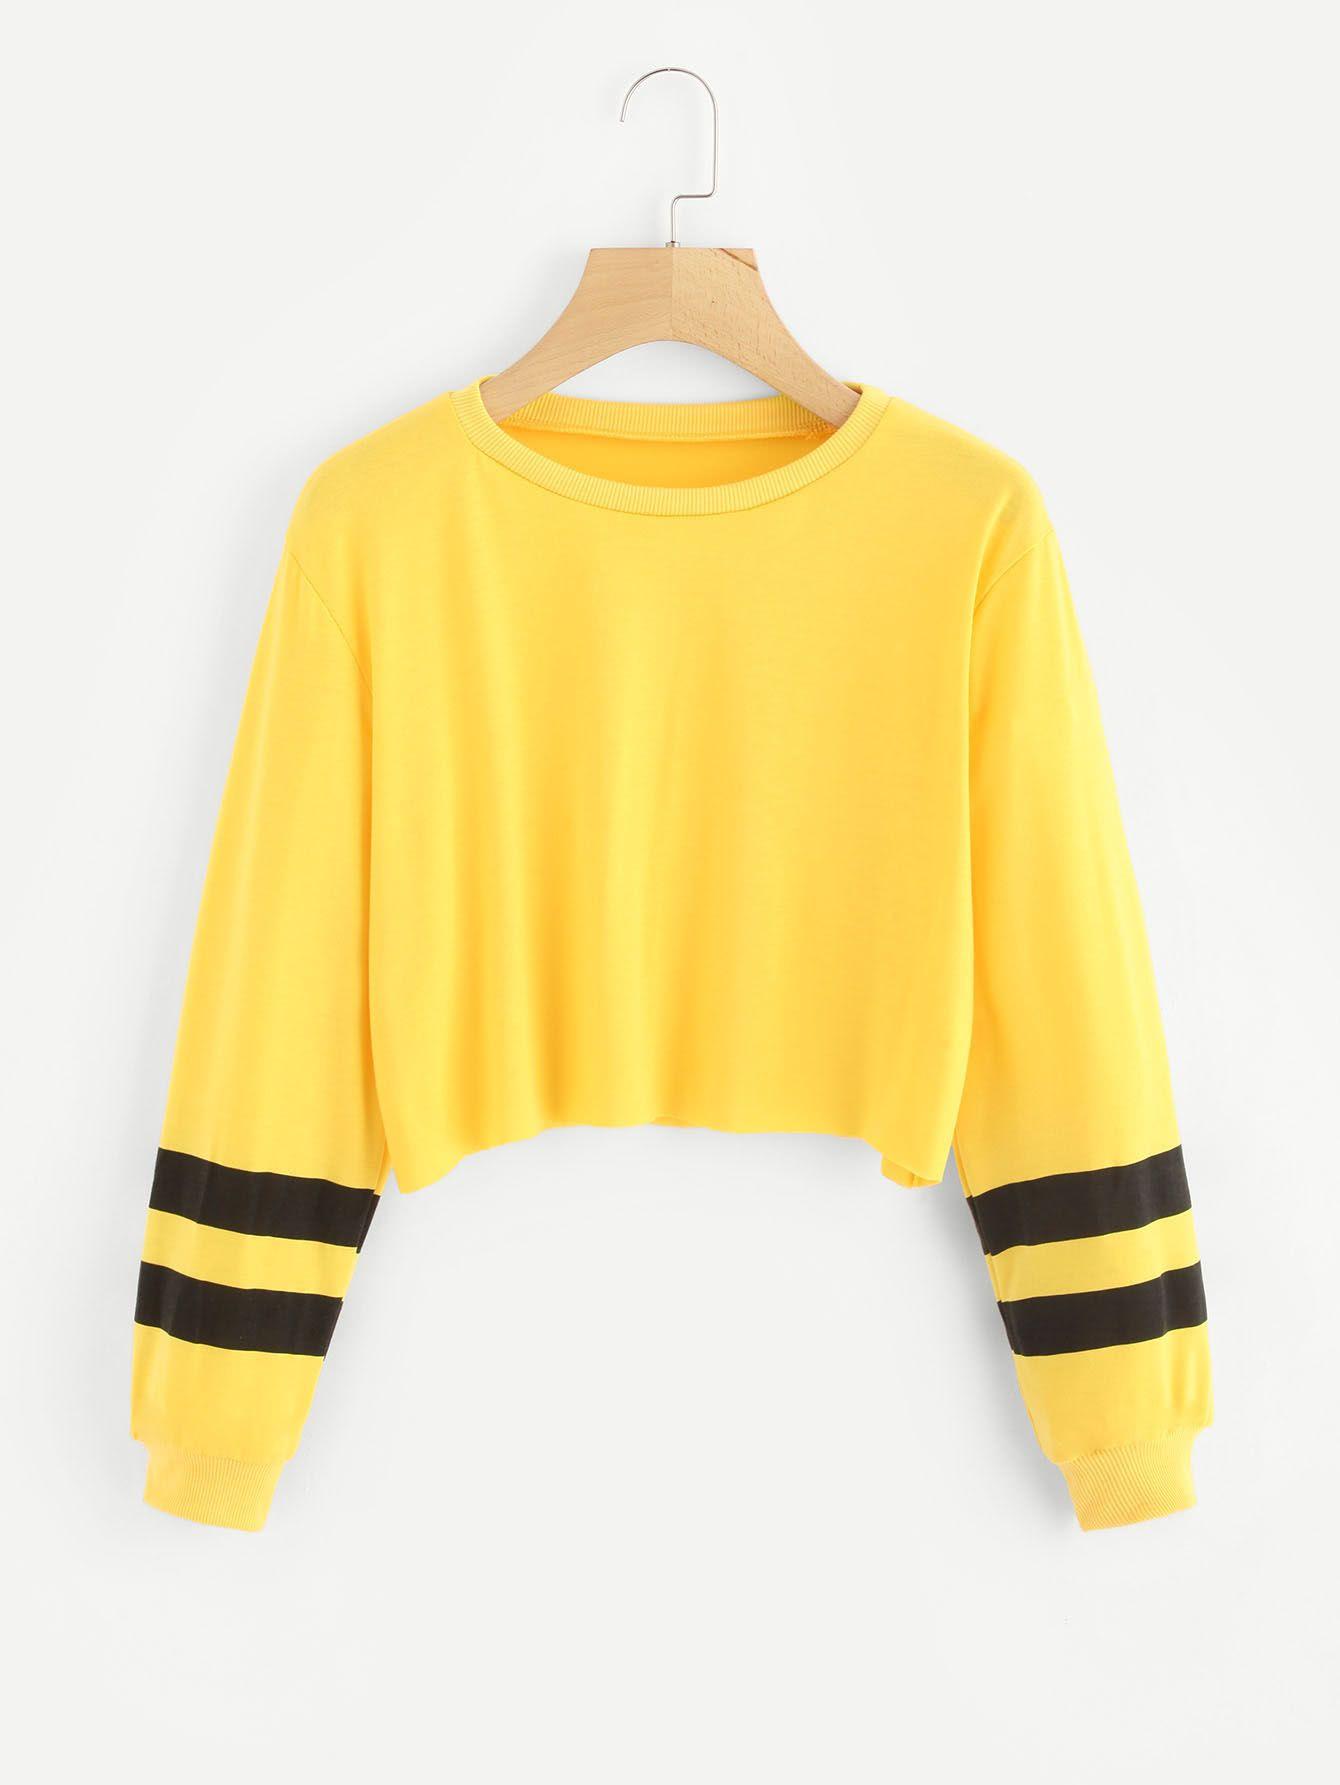 971addb2c04507 Varsity Striped Sleeve Crop Top   Yellow   Sweatshirts, Sleeves, Tops